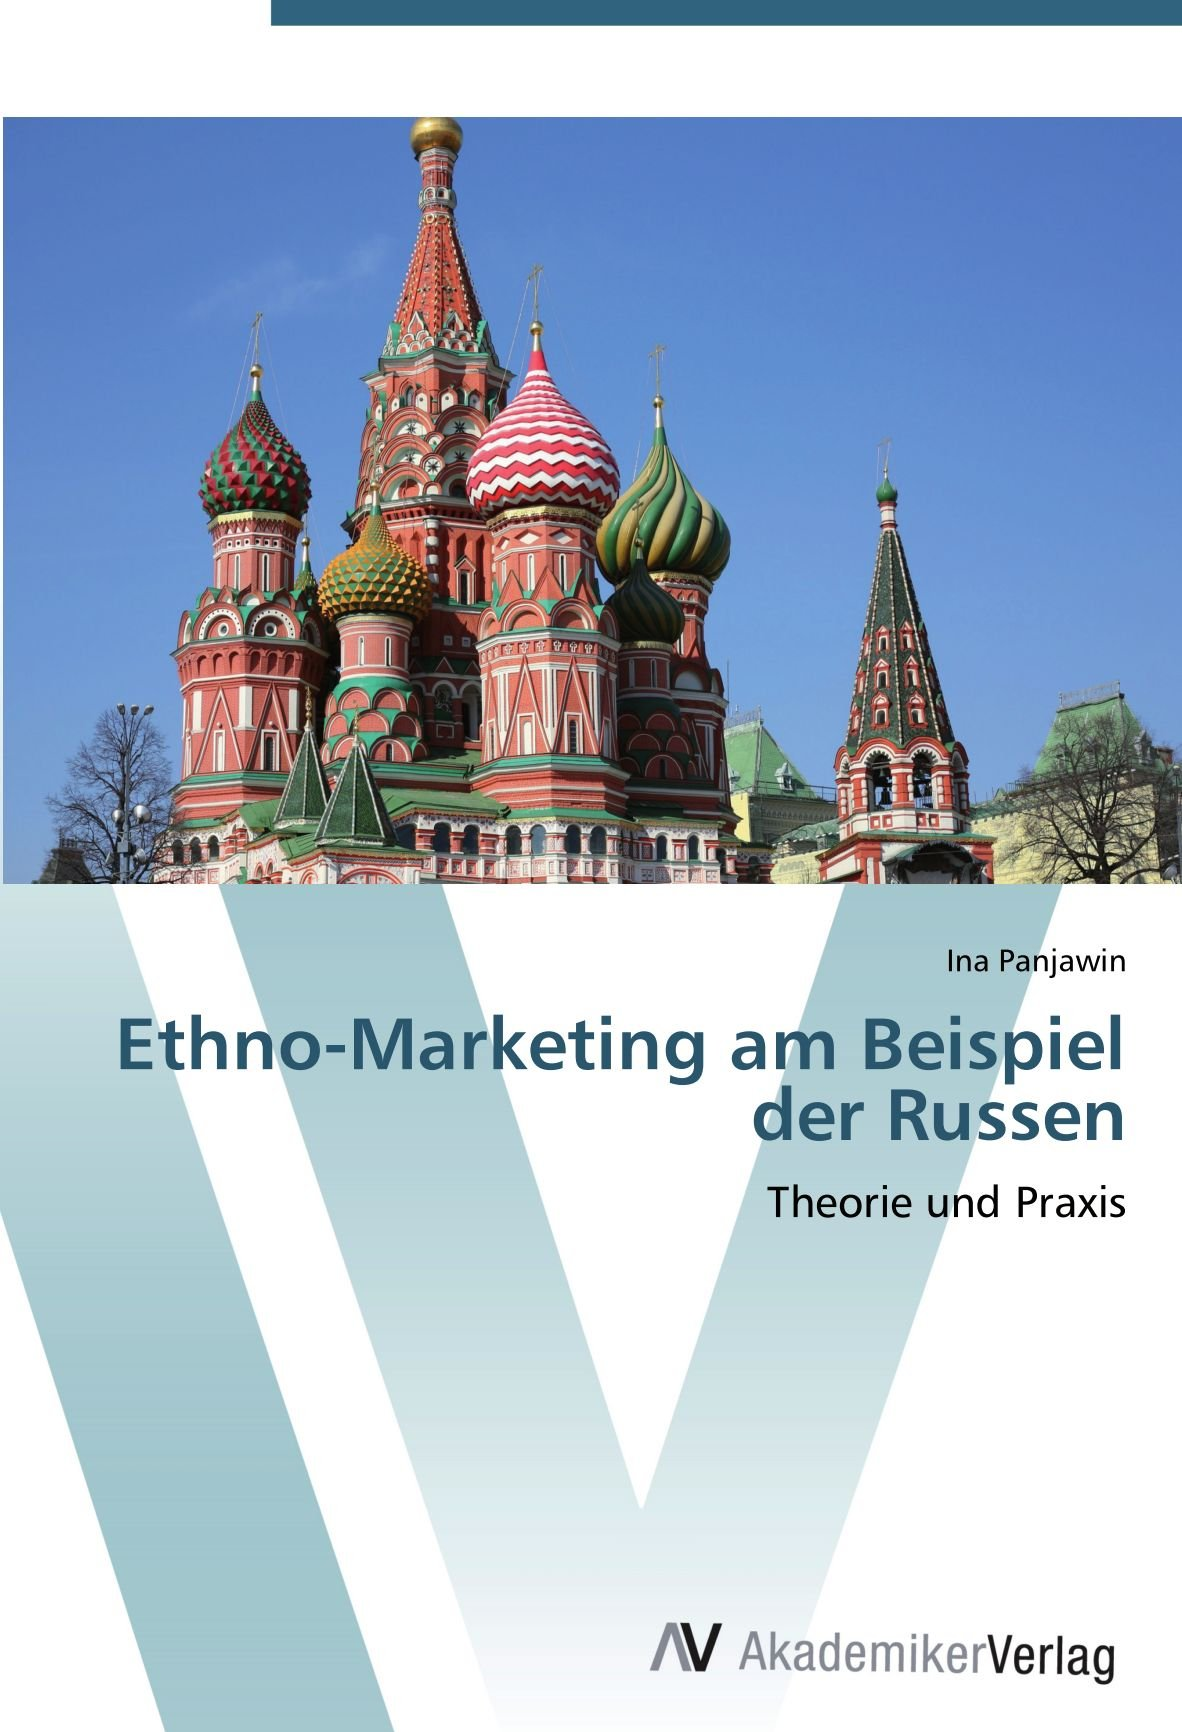 Ethno-Marketing am Beispiel der Russen: Theorie und Praxis (German Edition) PDF